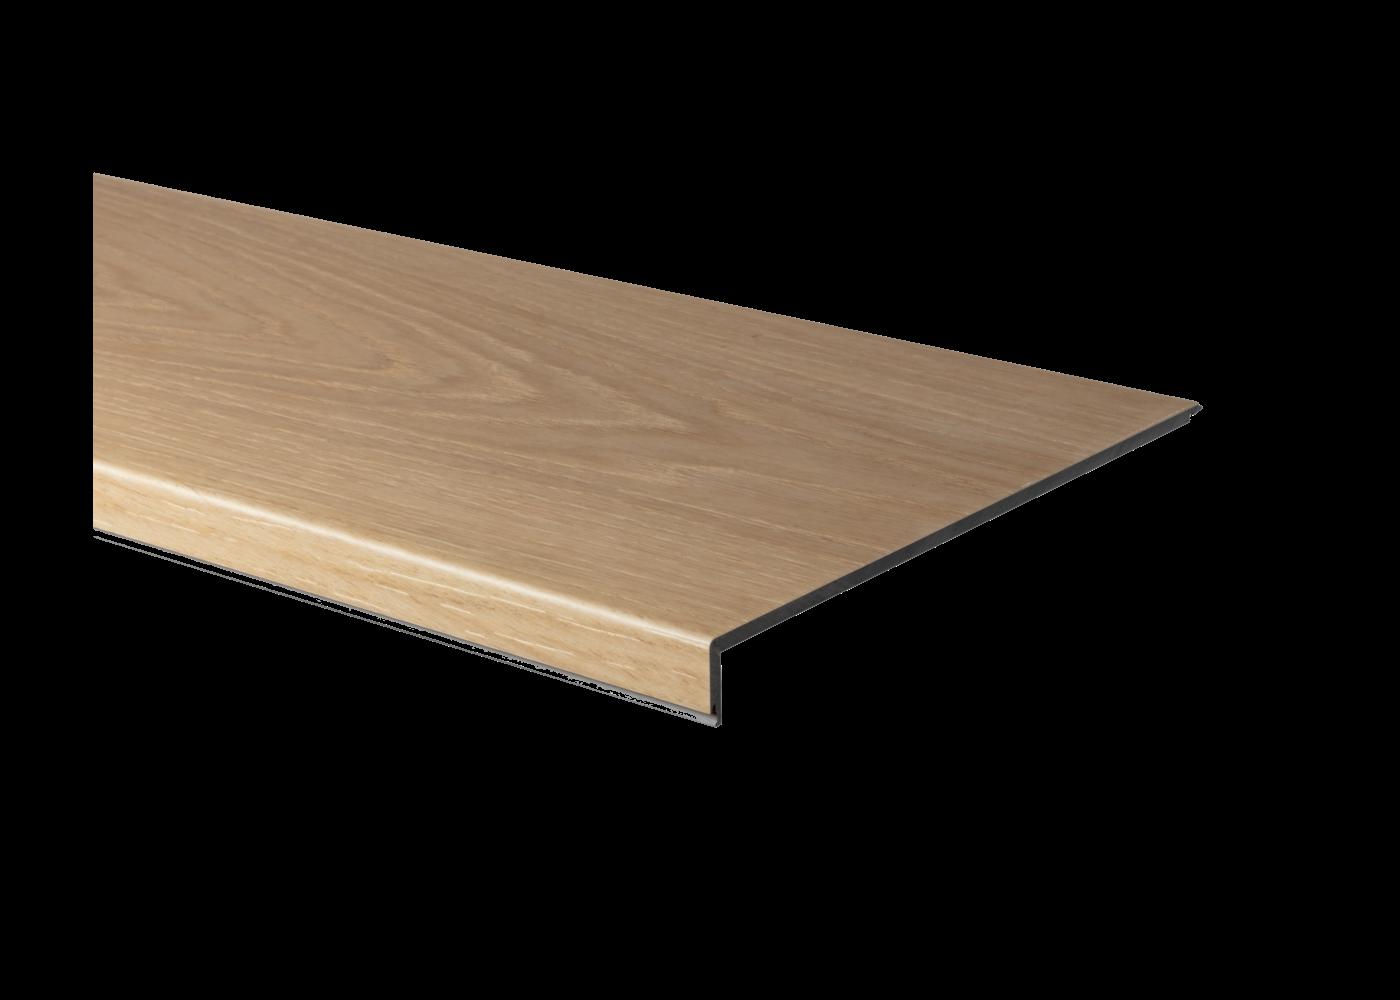 Profil d'escalier en L HDF hydrofuge pour sol vinyle rigide